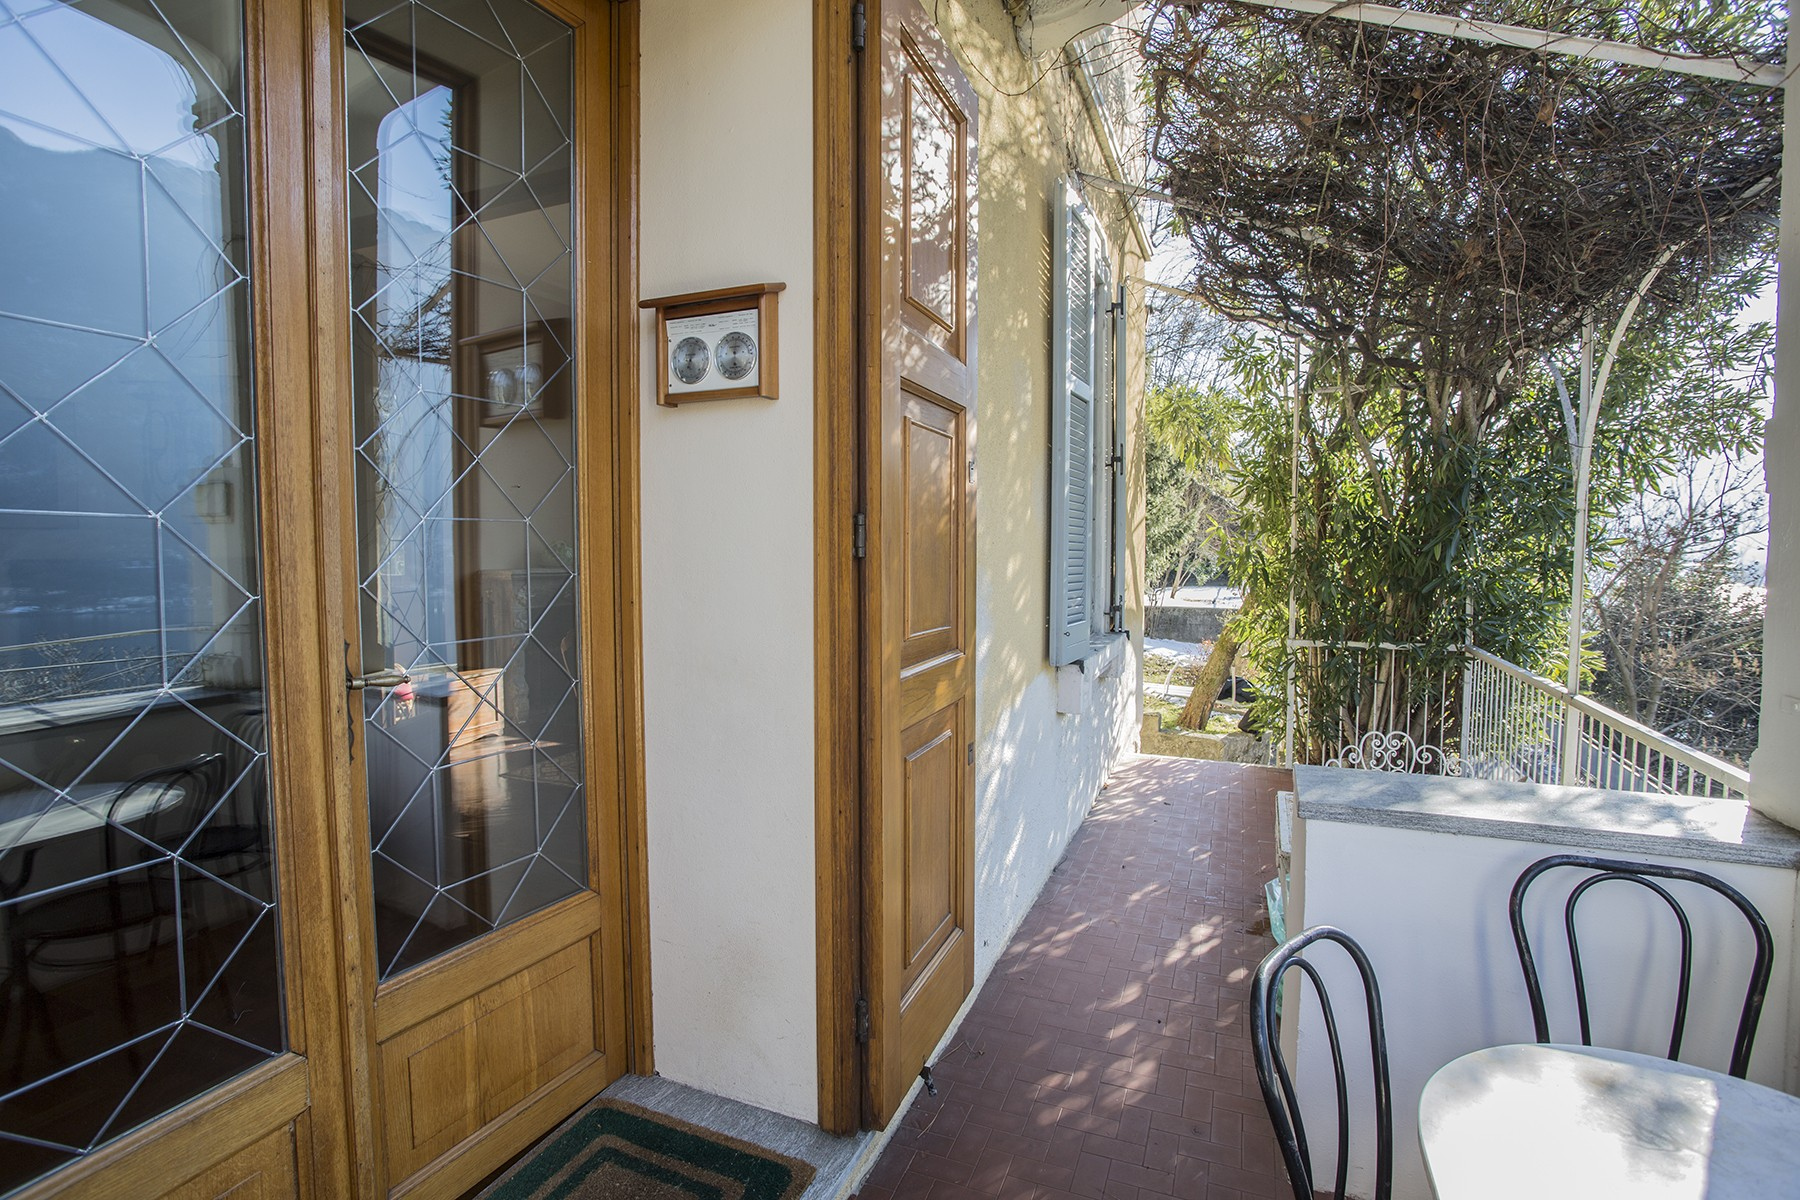 Villa in Vendita a Nesso: 5 locali, 250 mq - Foto 10